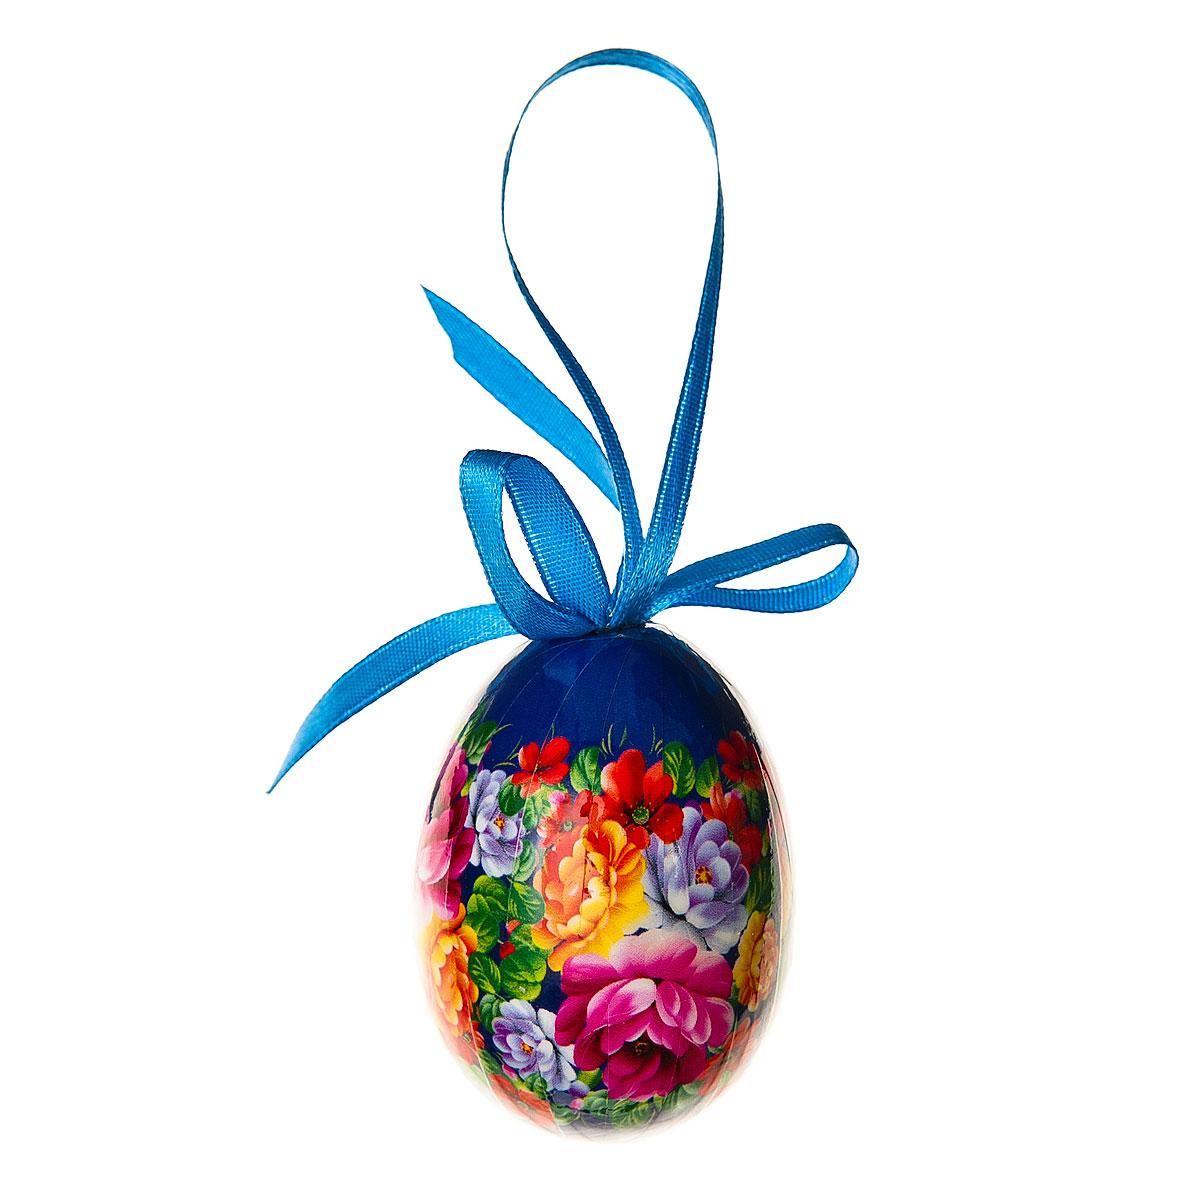 Декоративное подвесное украшение Home Queen Народное искусство, цвет: синий68284_3Подвесное украшение Home Queen Народное искусство, выполненное в форме яйца, изготовлено из пластика и декорировано цветочным орнаментом. Изделие оснащено петелькой для подвешивания. Такое украшение прекрасно оформит интерьер дома или станет замечательным подарком для друзей и близких на Пасху.